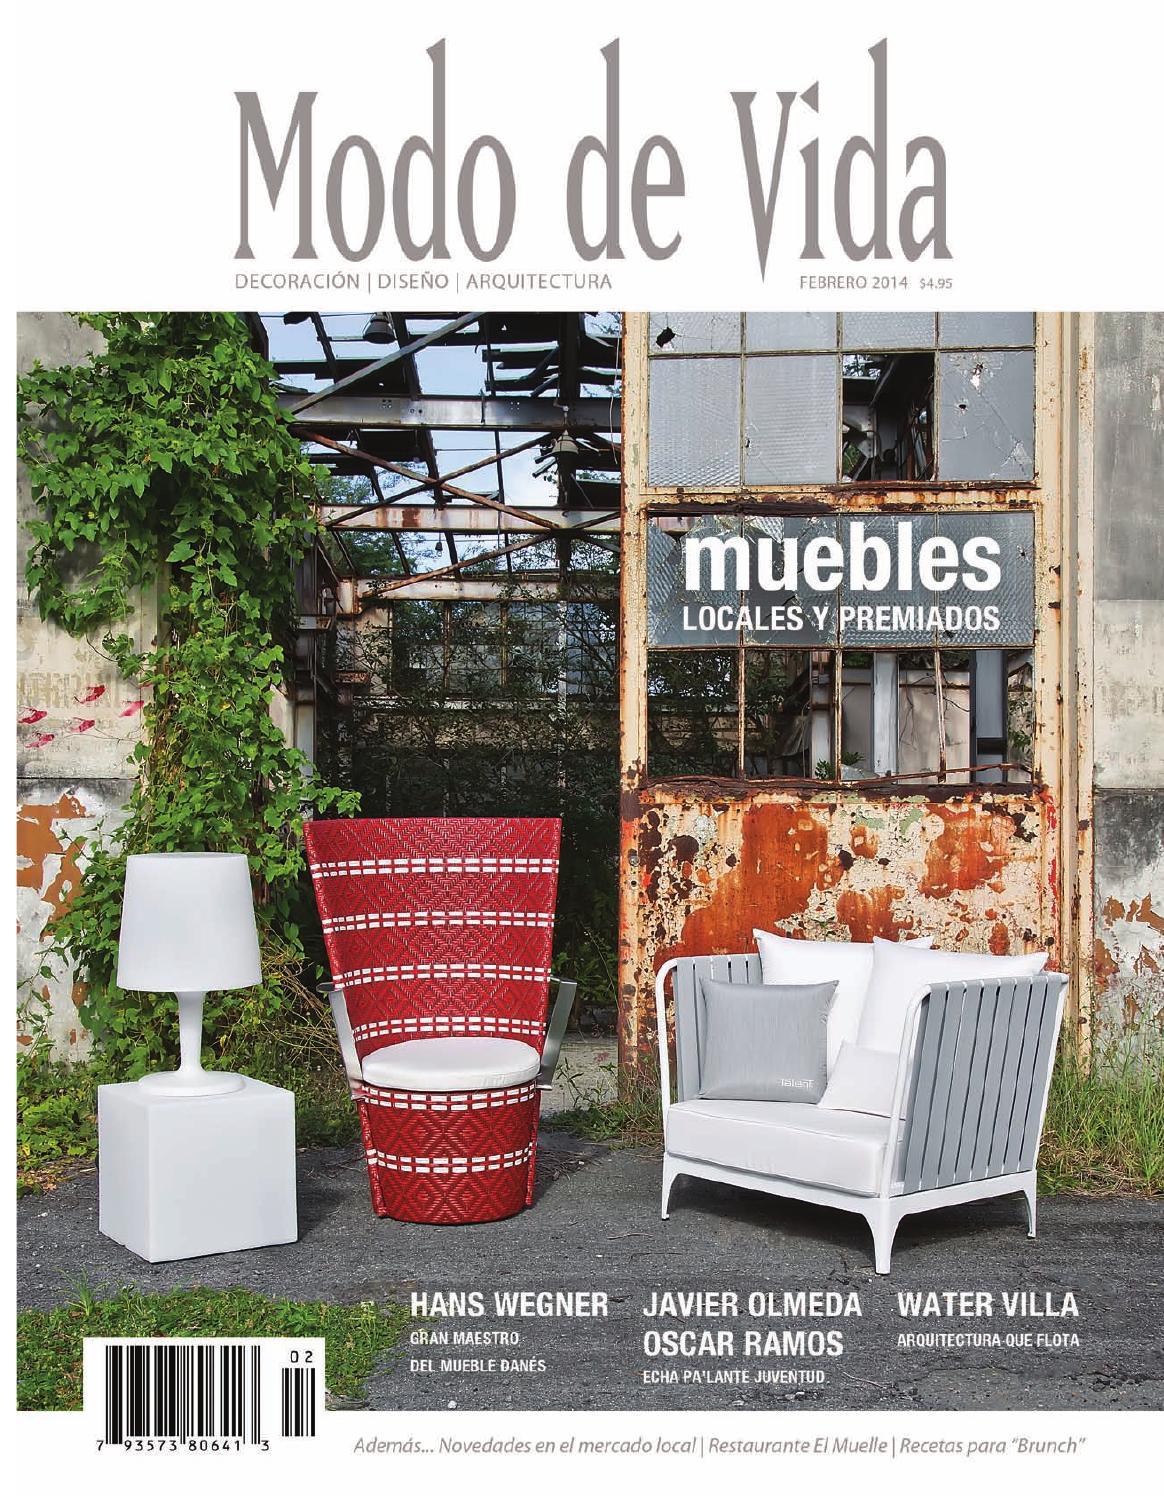 Modo De Vida October 2013 By Modo De Vida Issuu # Muebles Kaguten